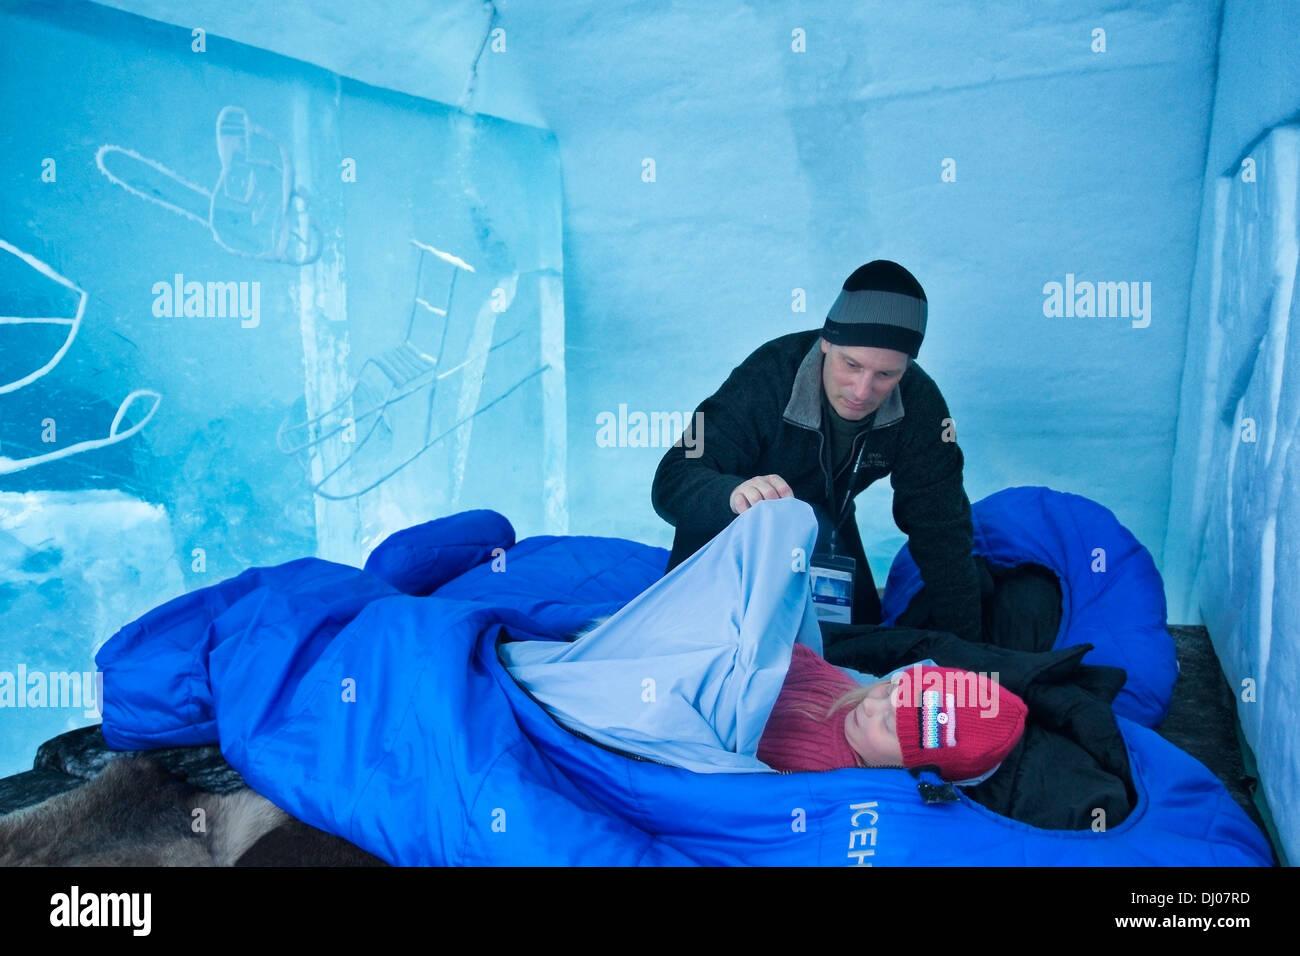 Vater seiner Tochter in Schlafsack auf dem Eisbett stopfte, Eishotel ...